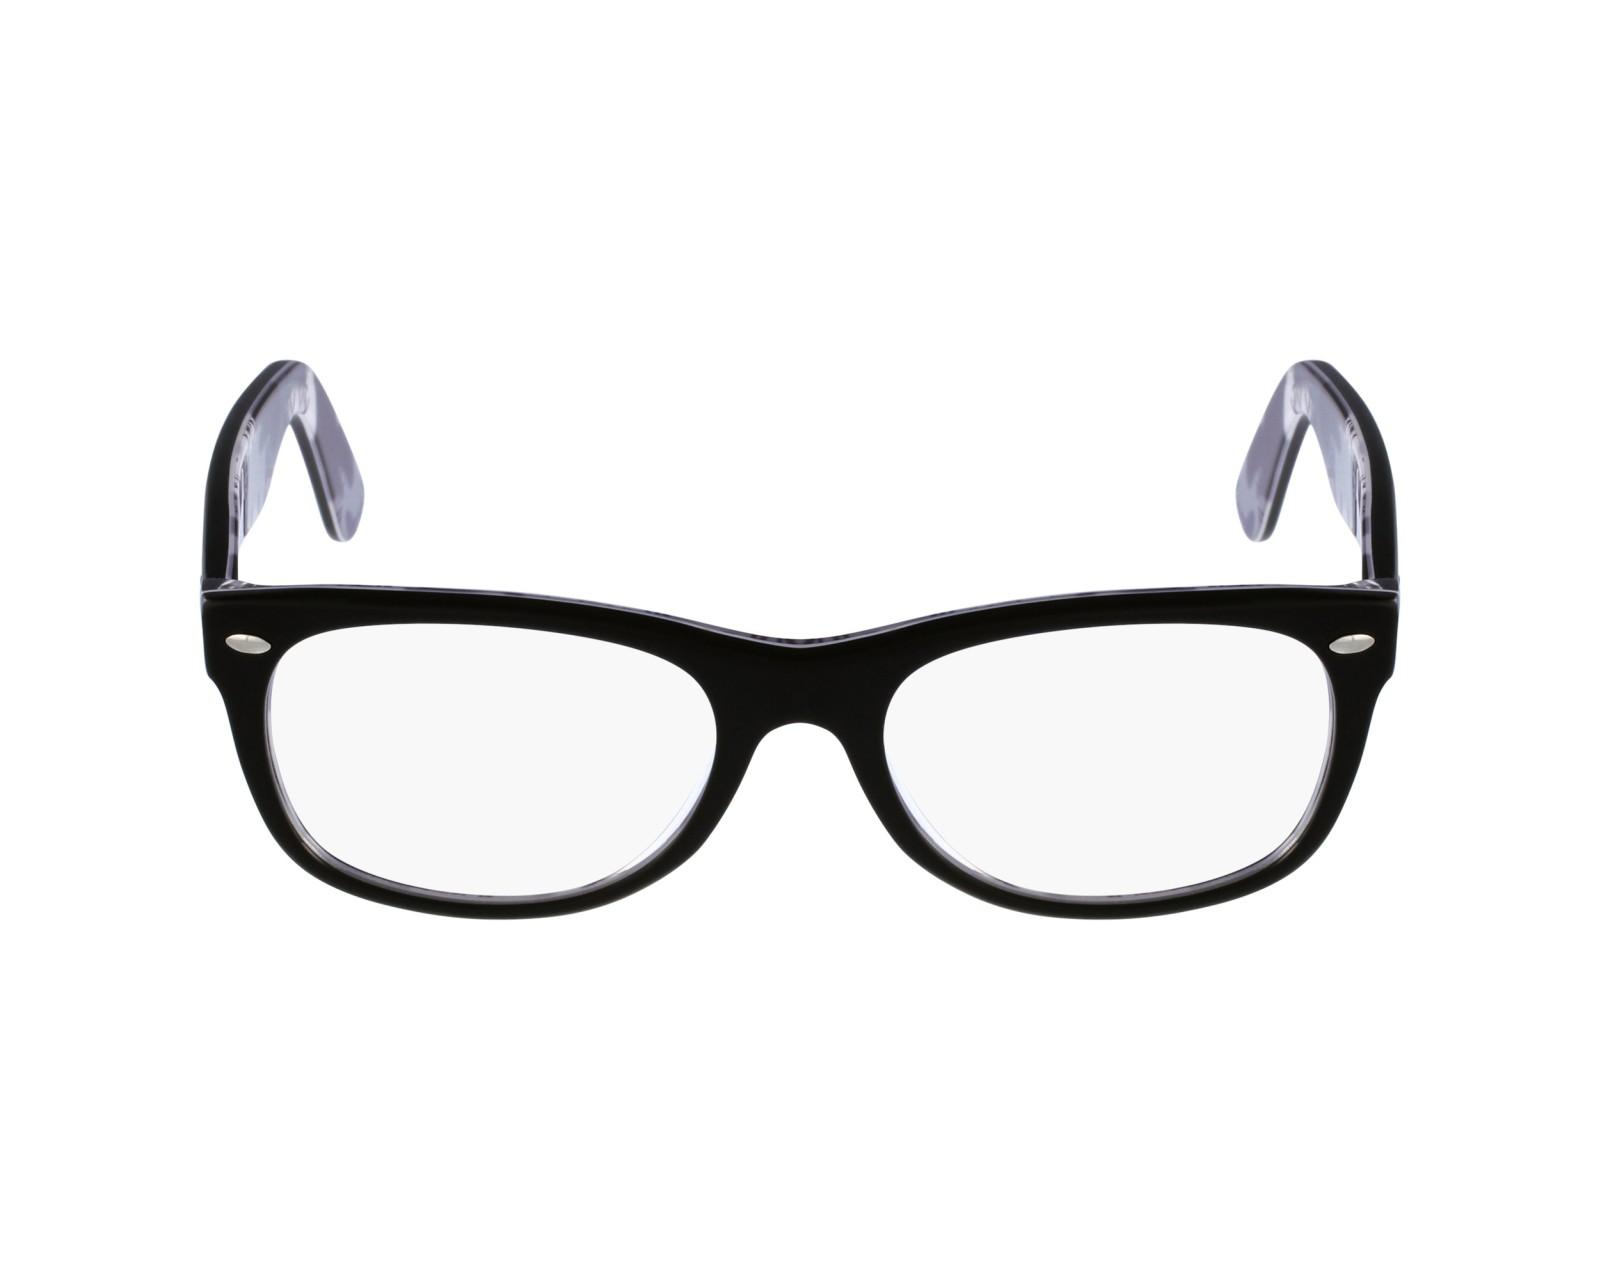 eyeglasses Ray-Ban RX-5184 5405 50-18 Black profile view ac977ba9f2fe